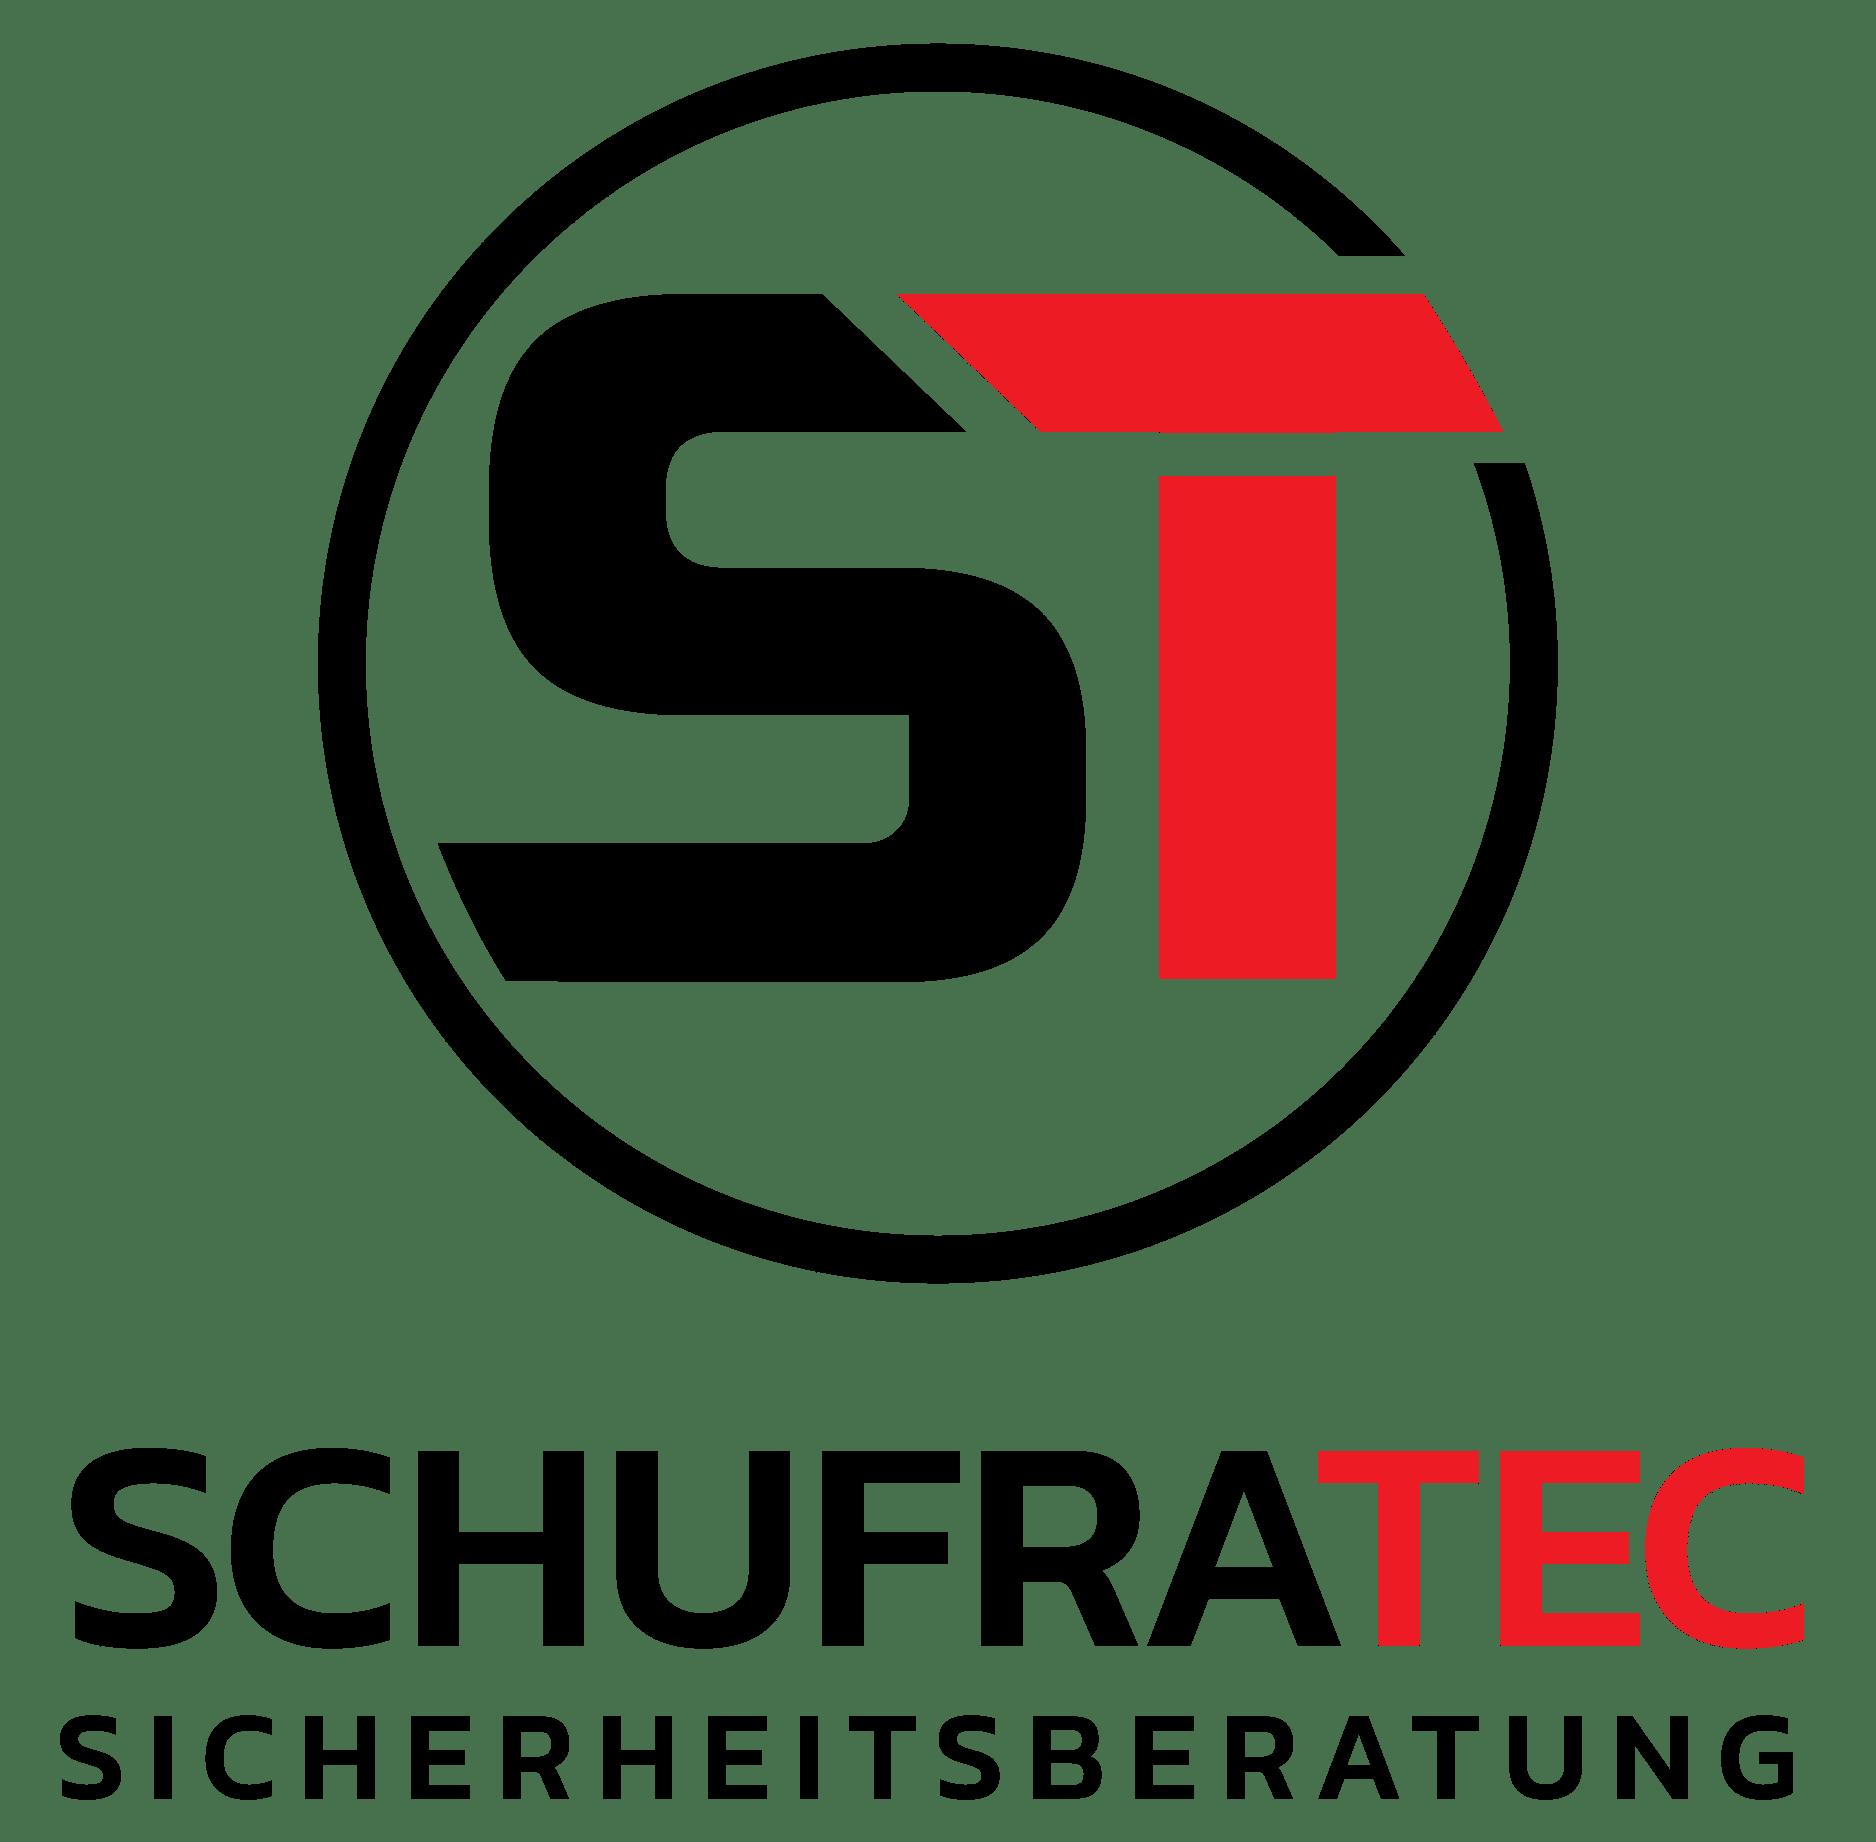 Logo SCHUFRATEC - Sicherheitsberatung